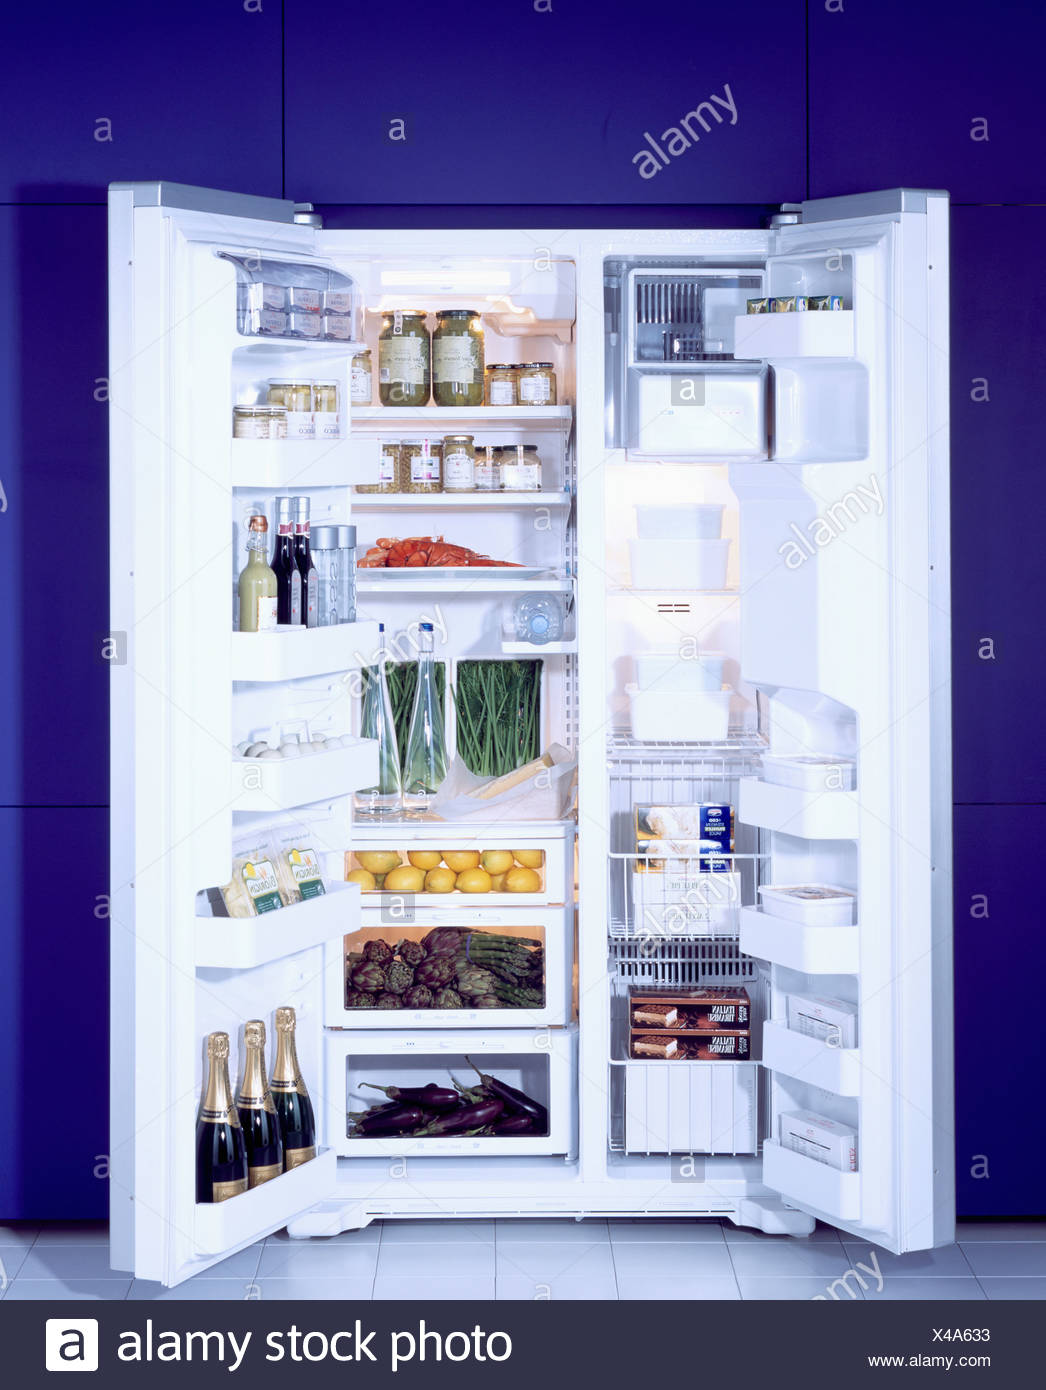 Großartig Begehbarer Kühlschrank Fotos - Die besten ...